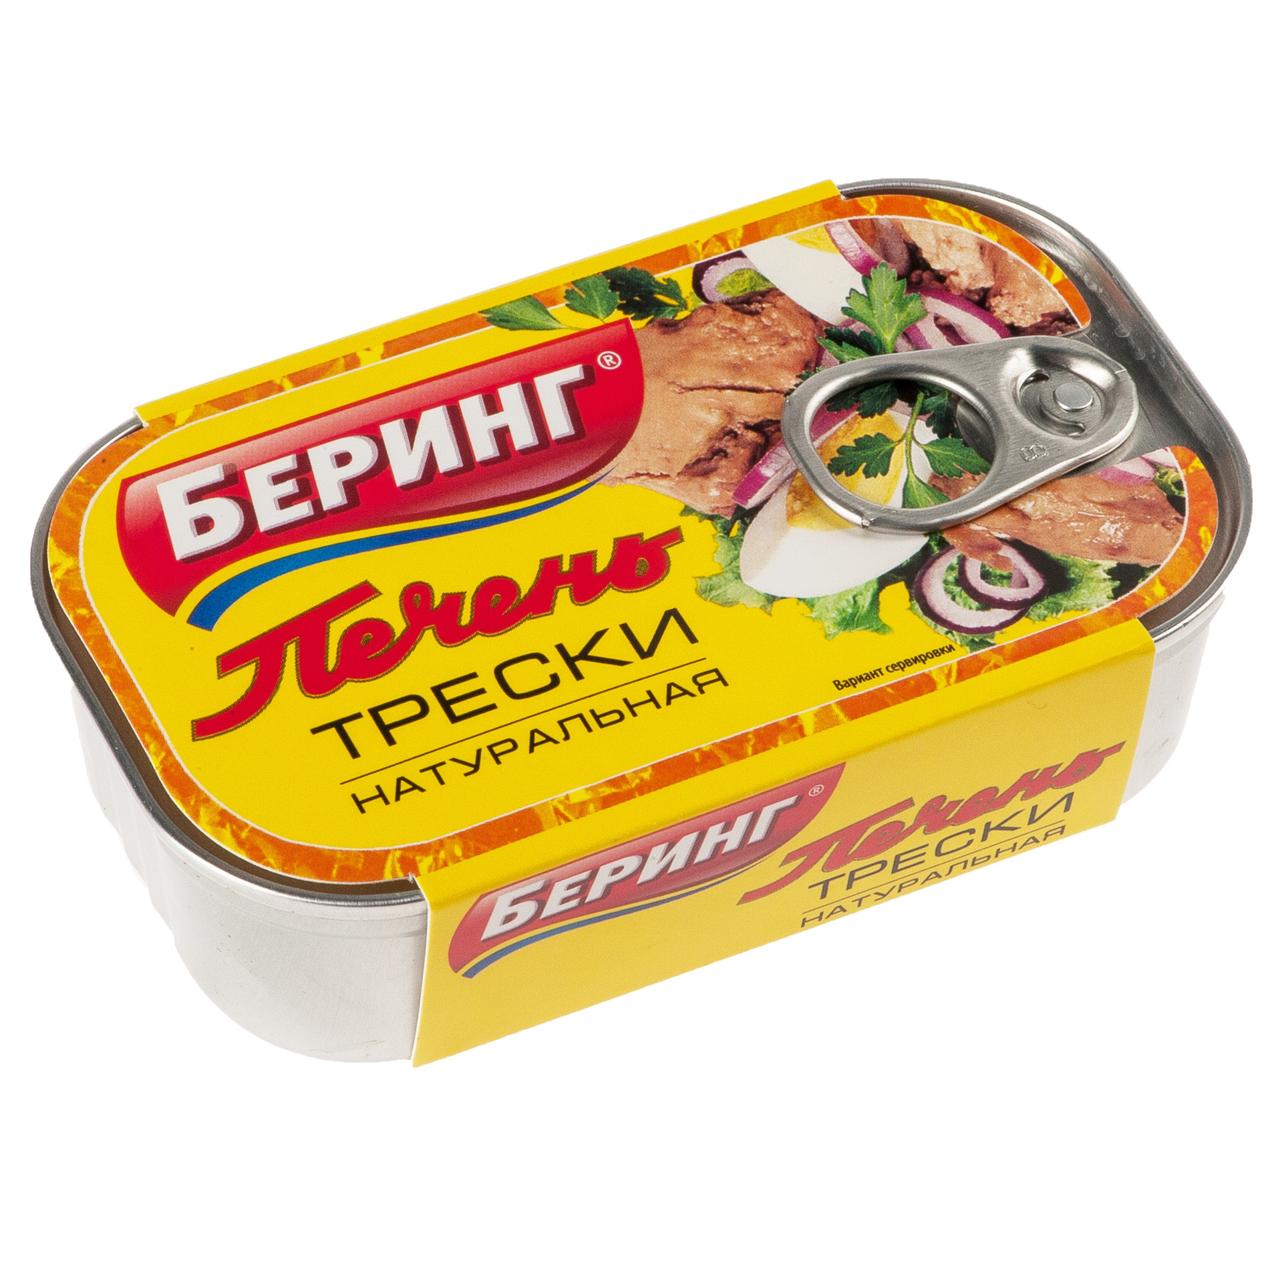 120Г ПЕЧЕНЬ ТРЕСКИ Ж/Б БЕРИНГ